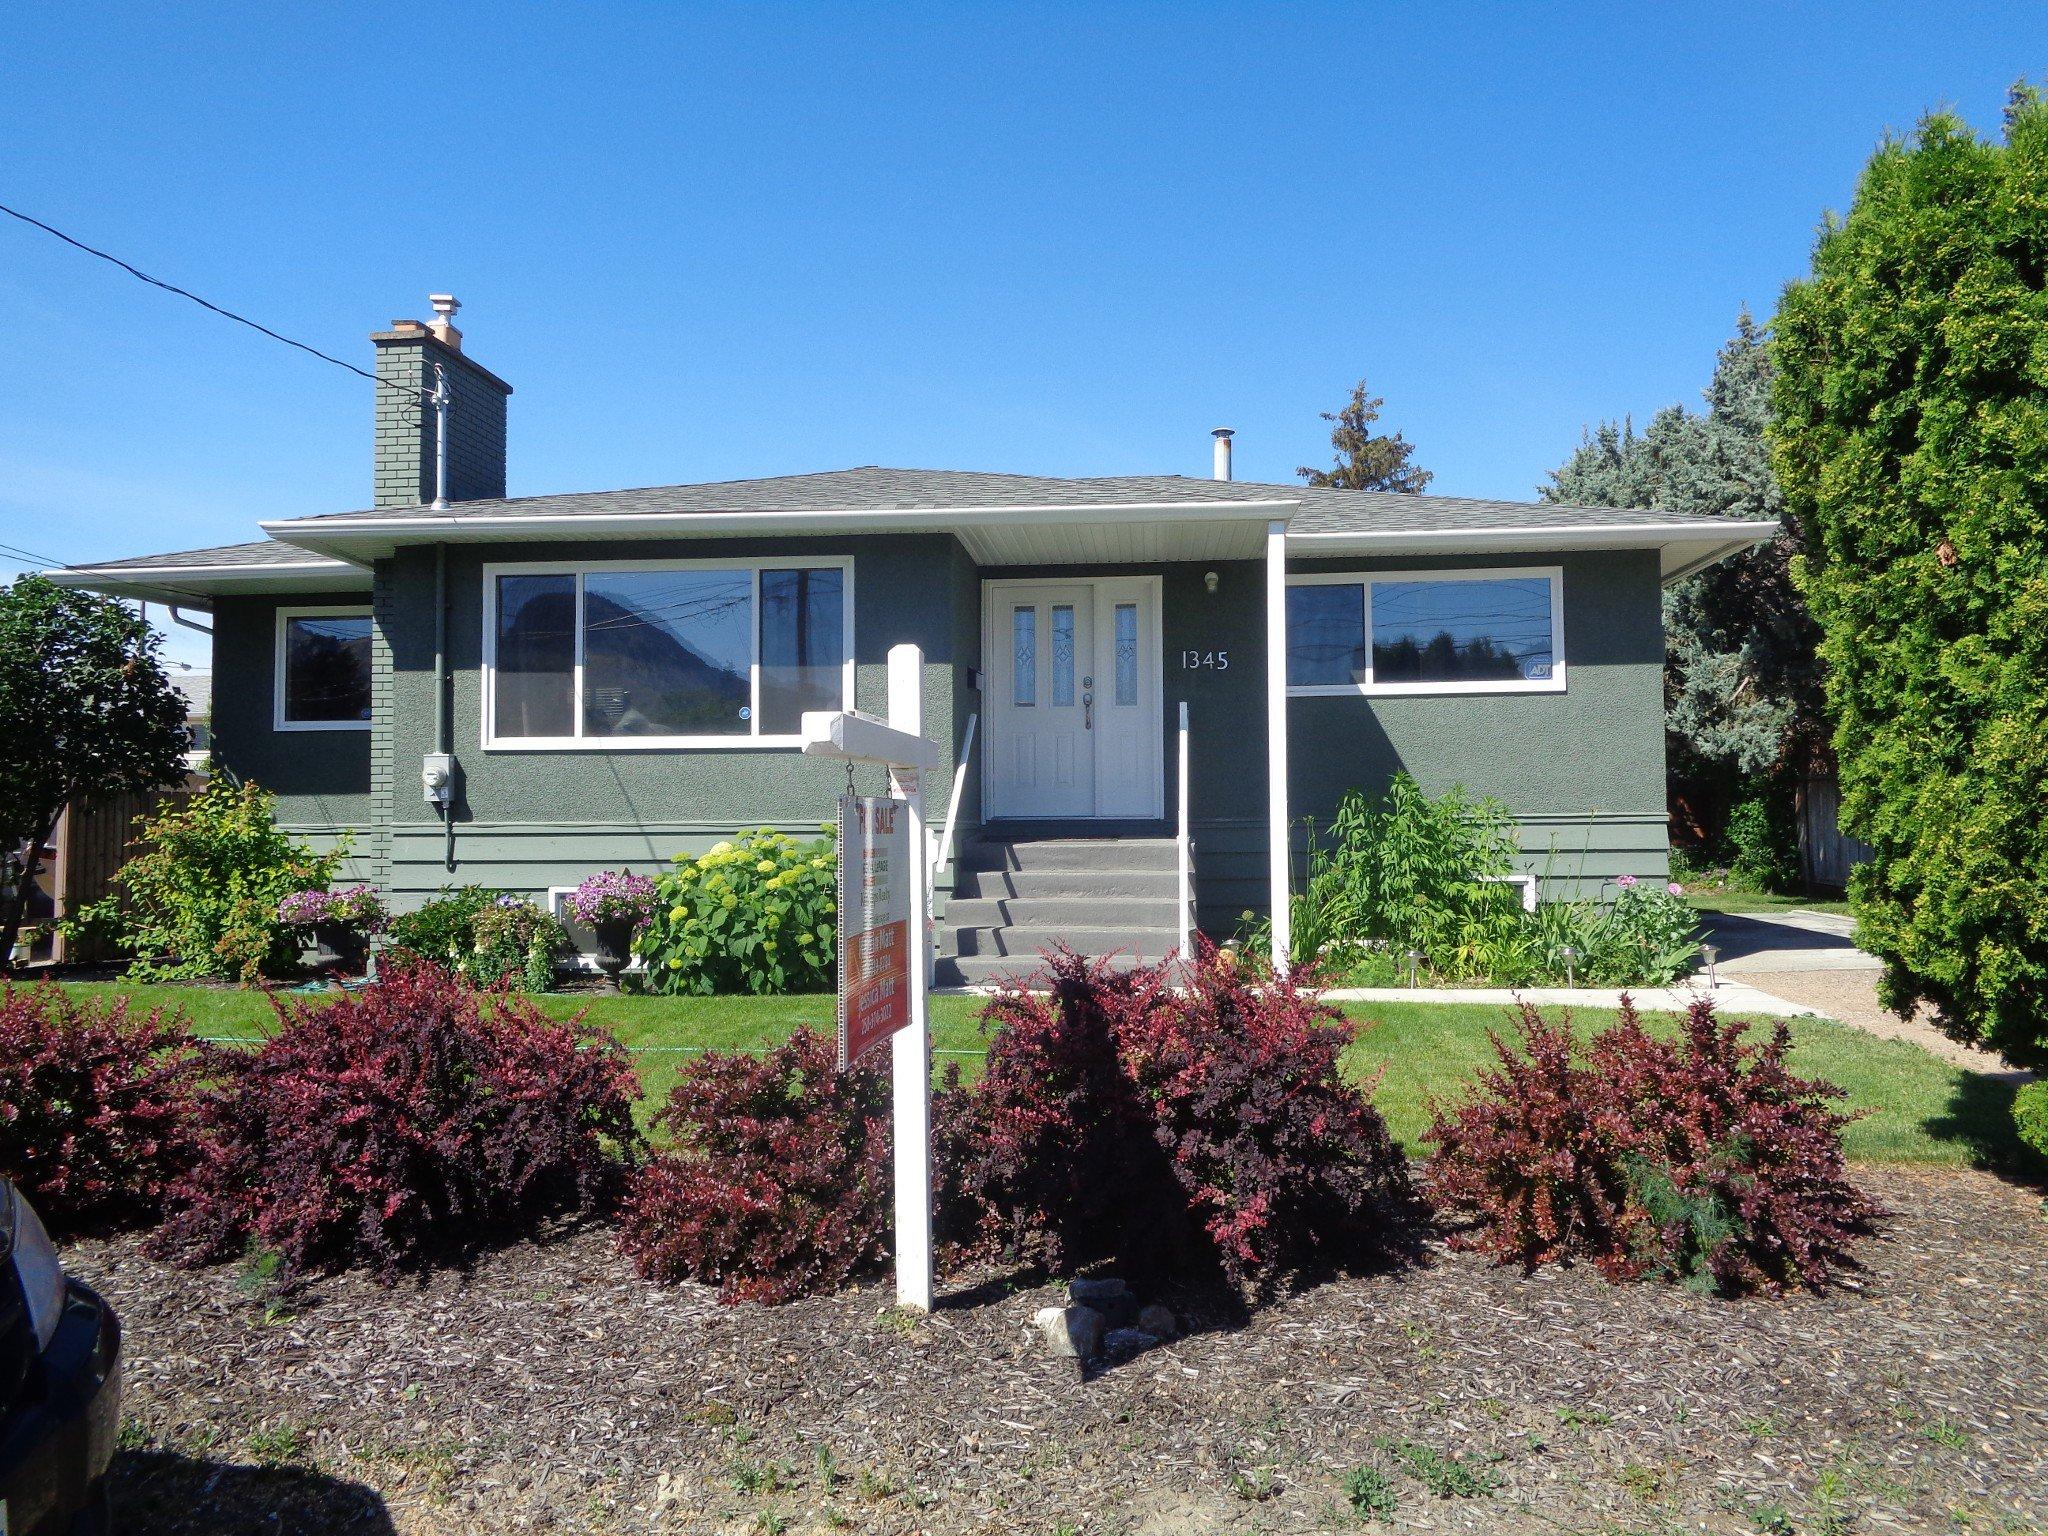 Main Photo: 1345 MIDWAY STREET in KAMLO0PS: NORTH KAMLOOPS House for sale (KAMLOOPS)  : MLS®# 145347